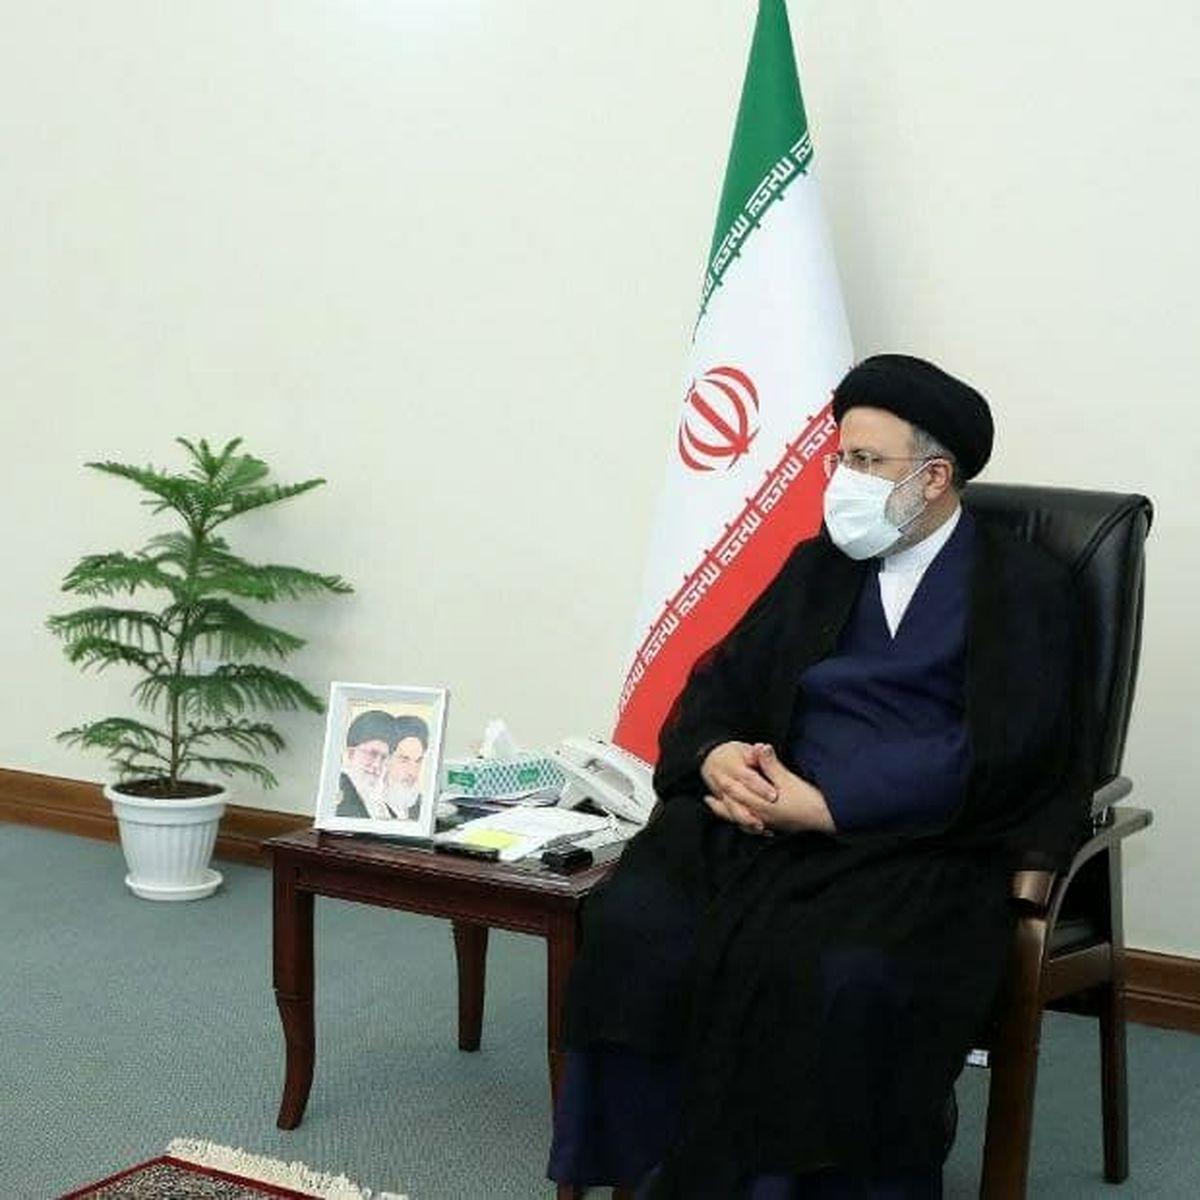 دیدار جداگانه فیروزآبادی و رستمی با رئیس جمهور منتخب